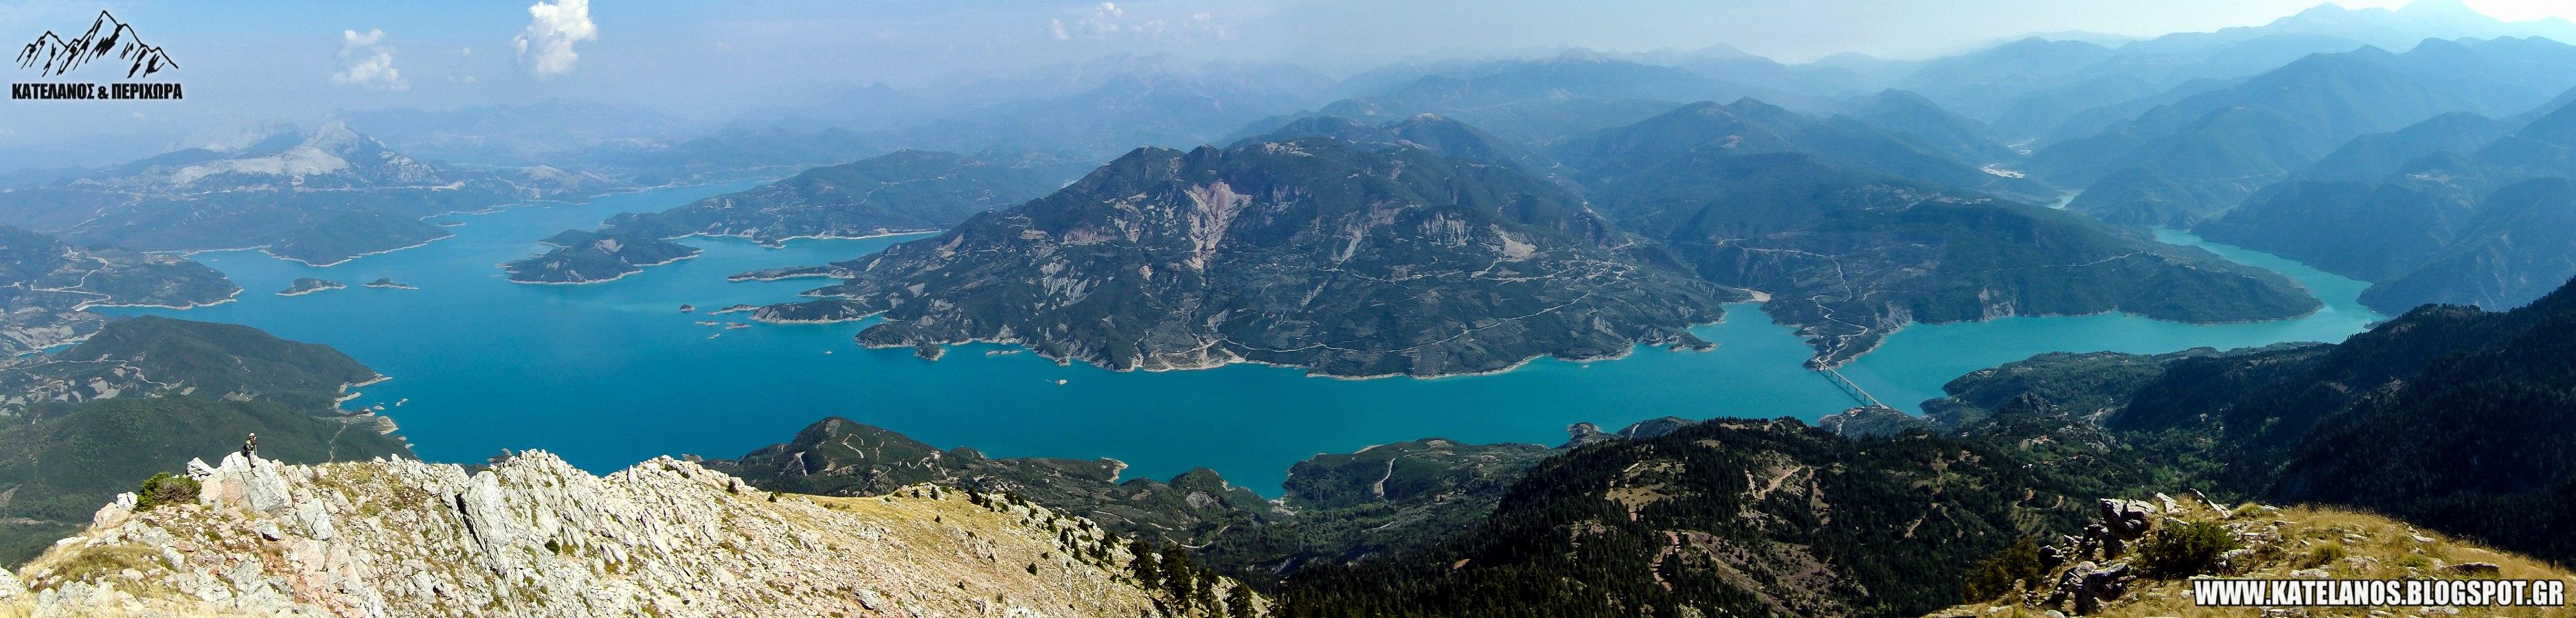 πανοραμα λιμνης κρεμαστων απο την κορυφη της τσοκας